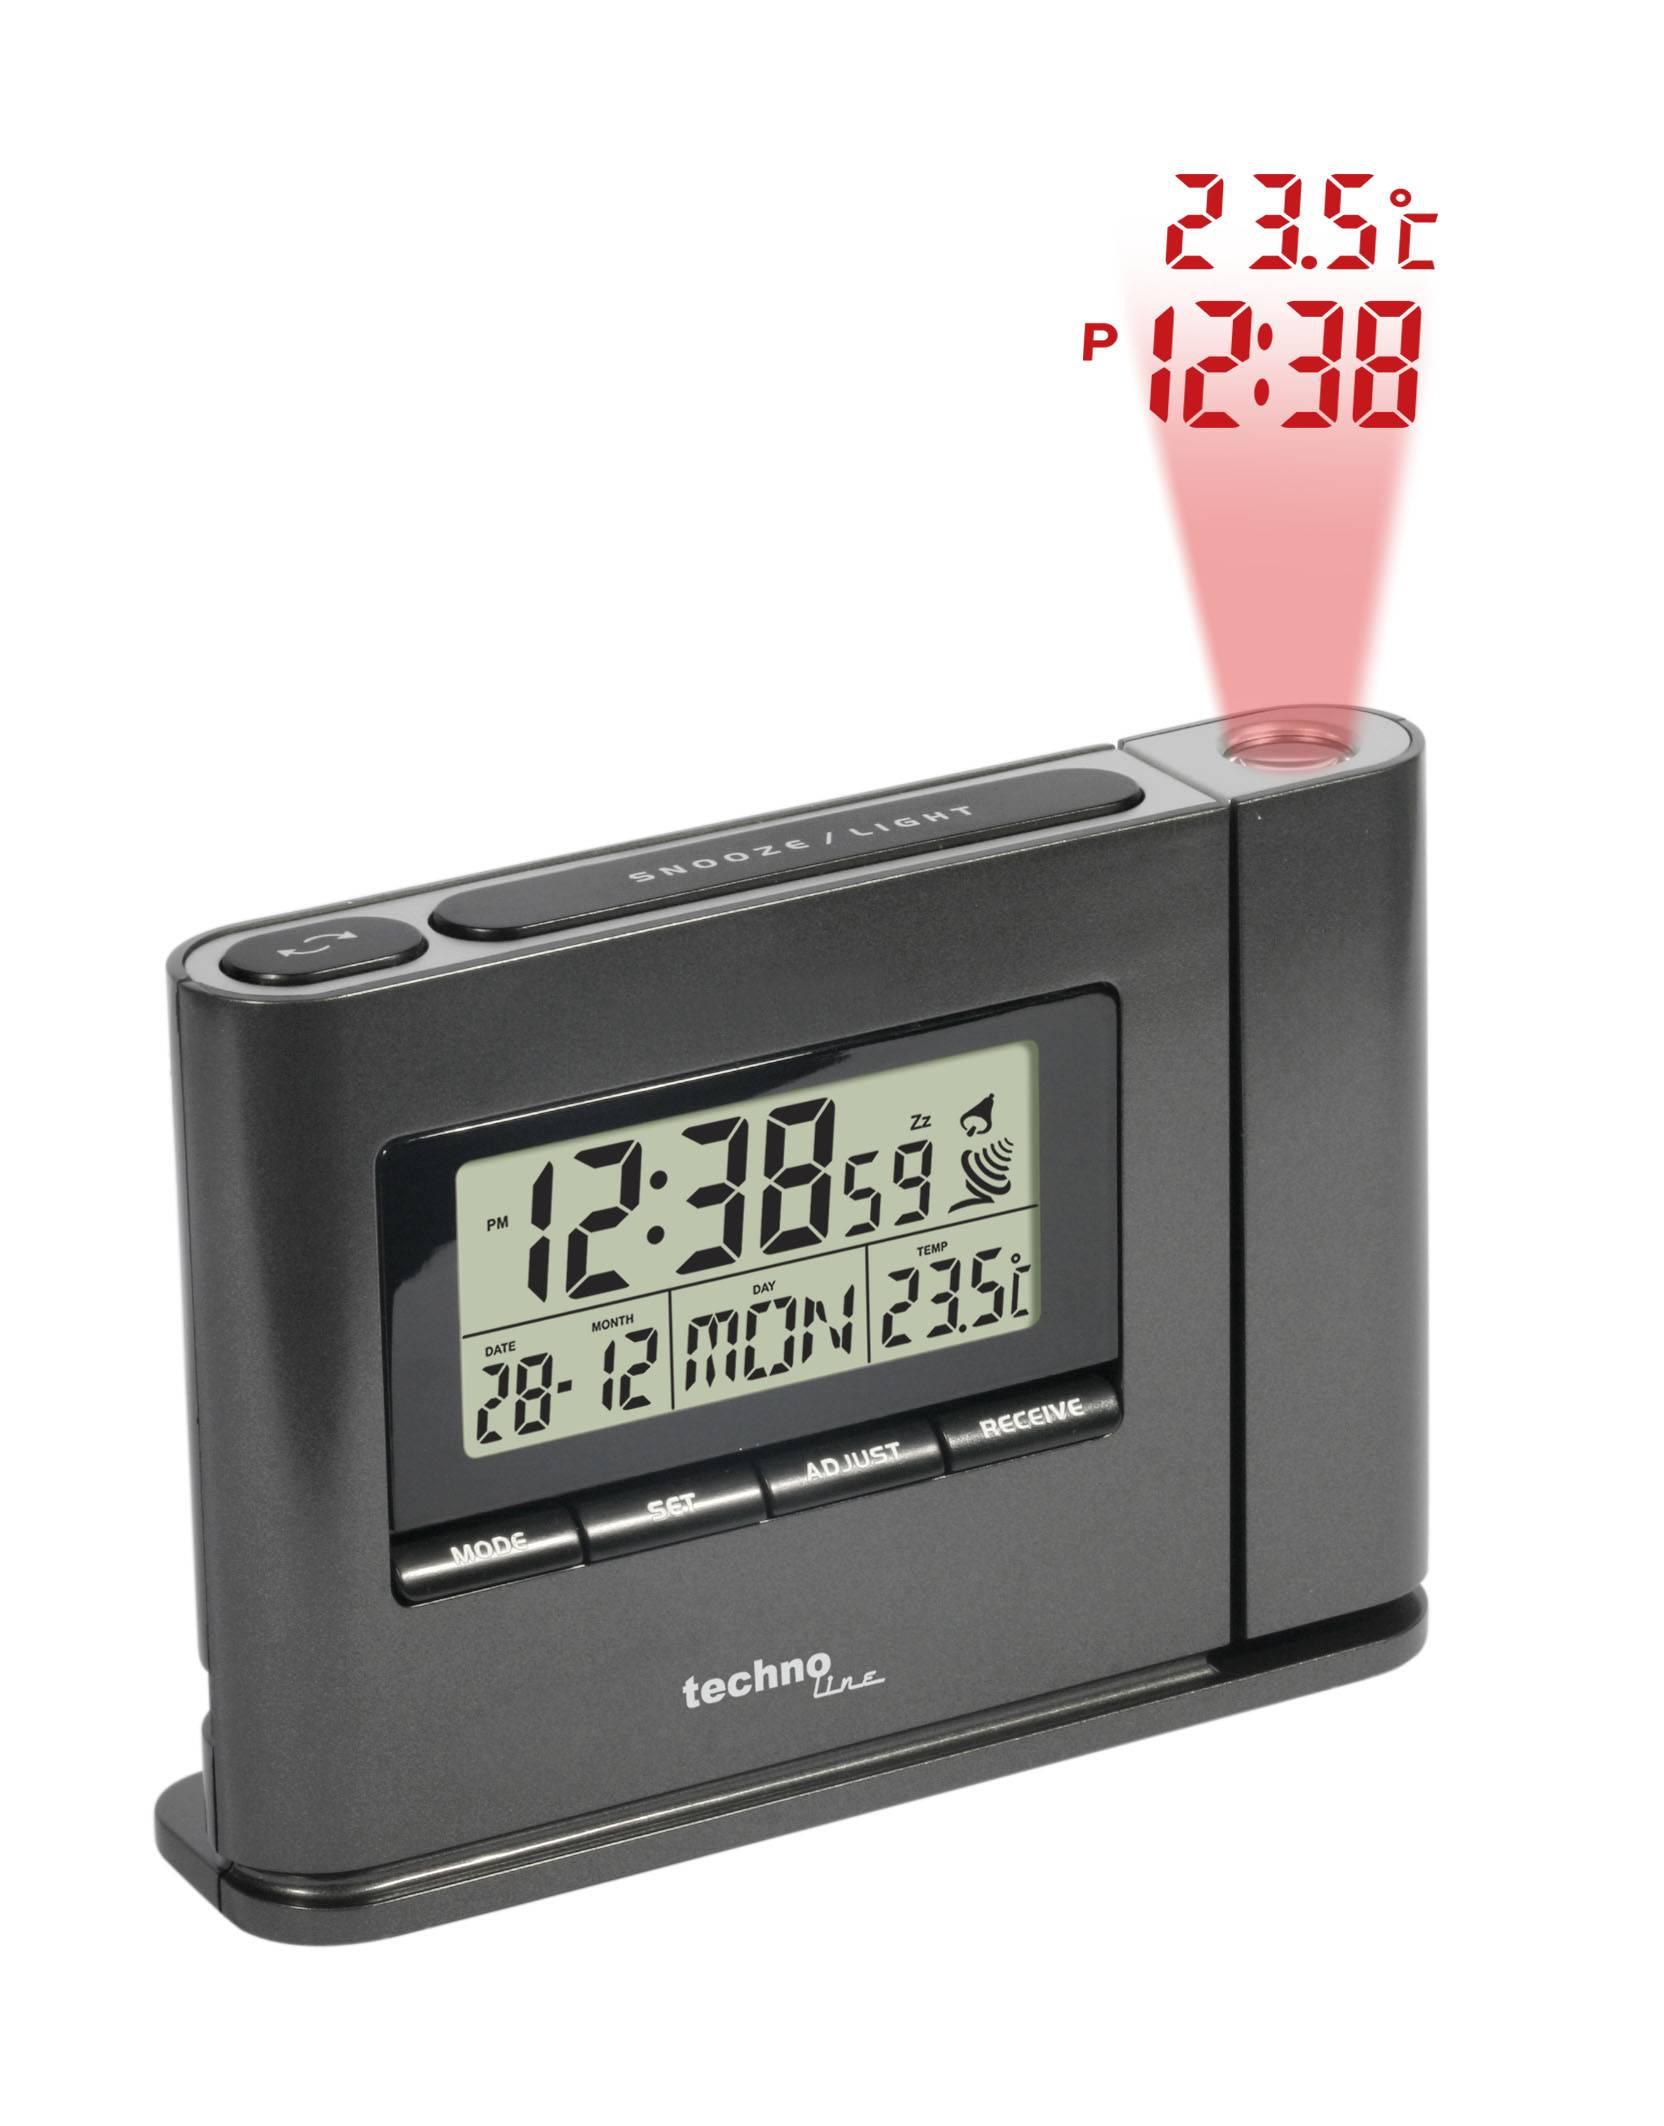 zwarte projectiewekker van Techno Line met de tijd, datum,dag en temperatuur op het scherm. Knoppen met snooze, mode,set, adjust, receive. de projectie laat de tijd en temperatuur zien.